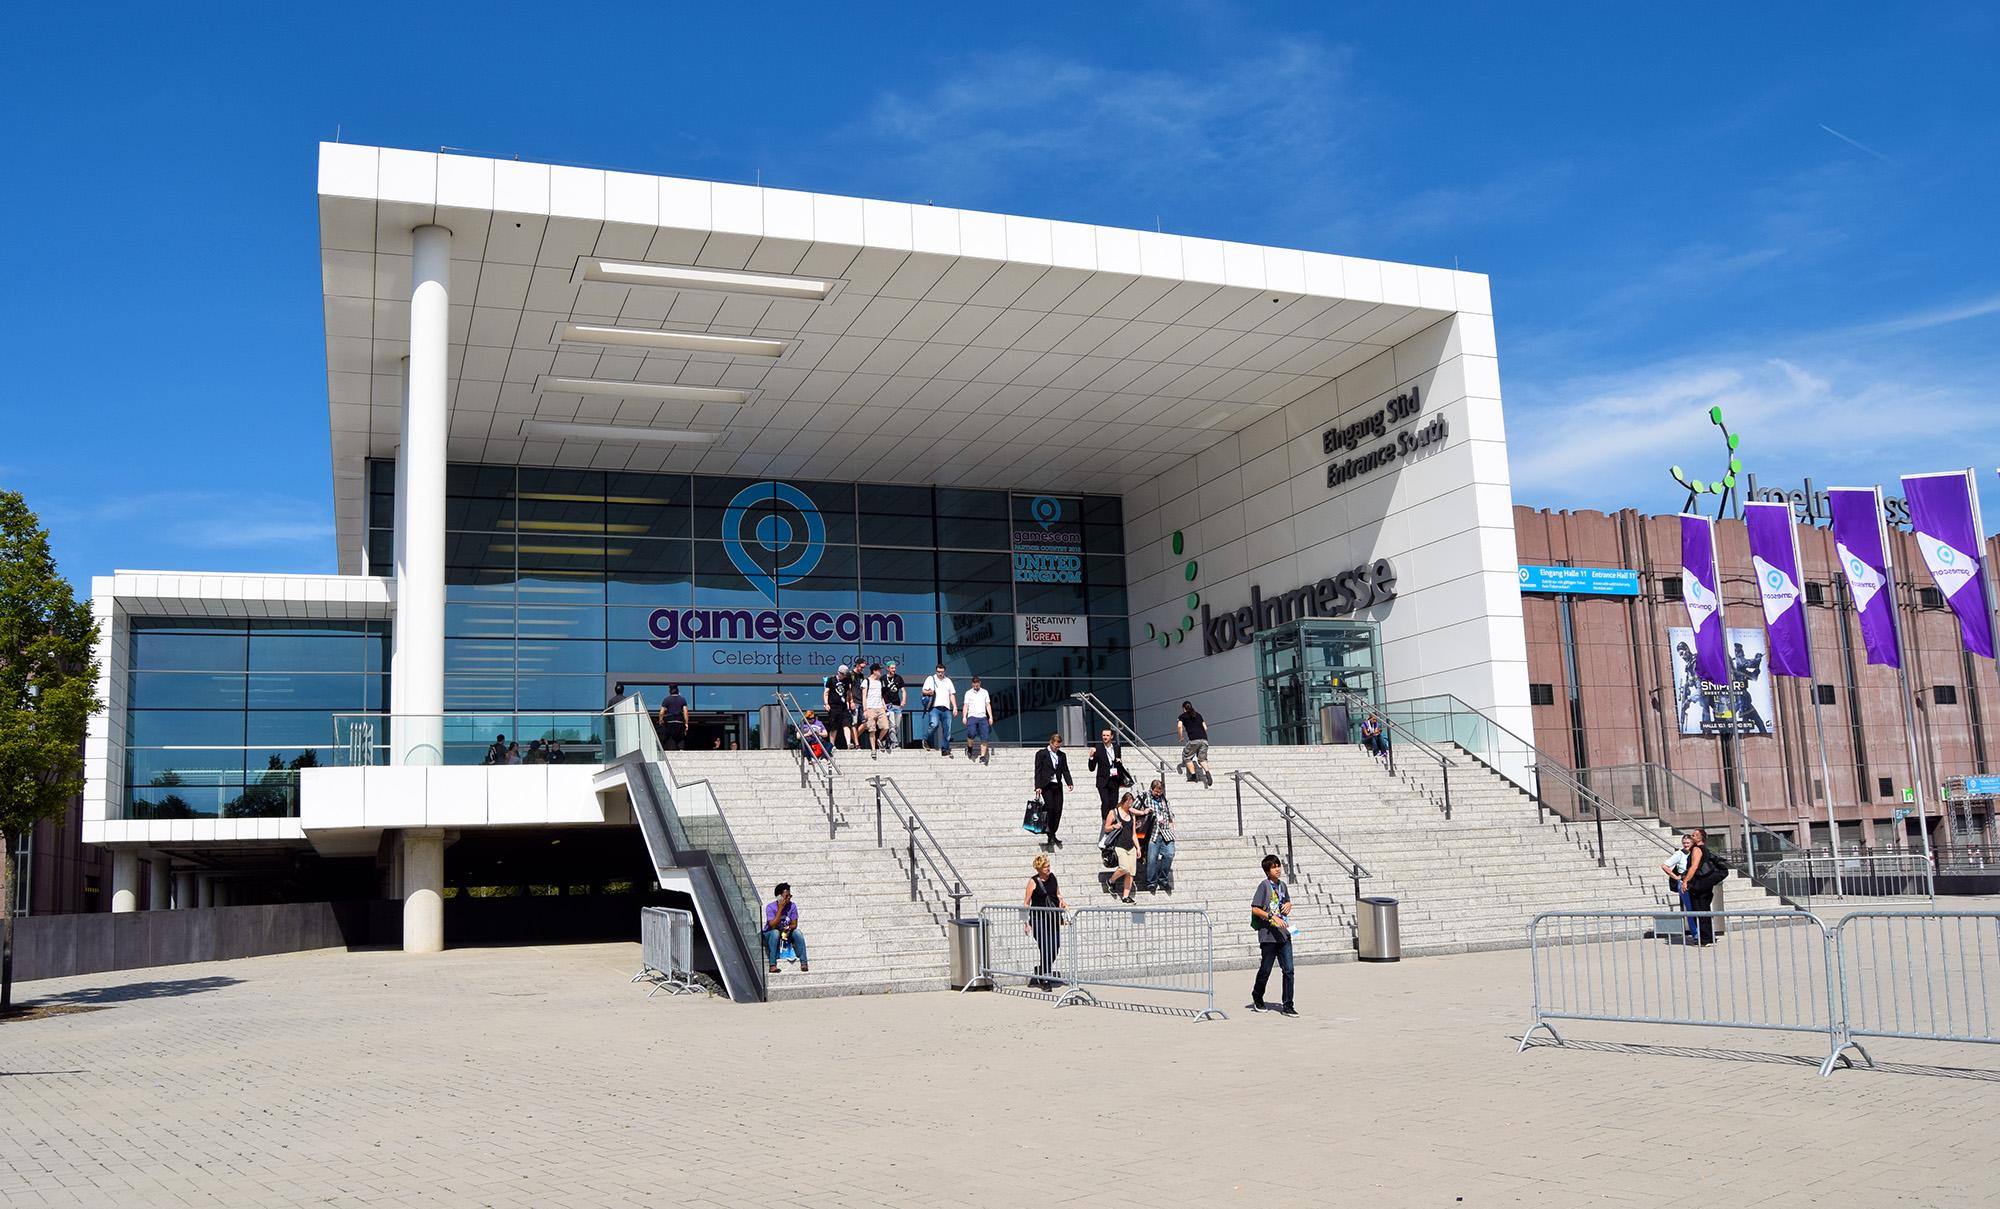 Gamescom entrance